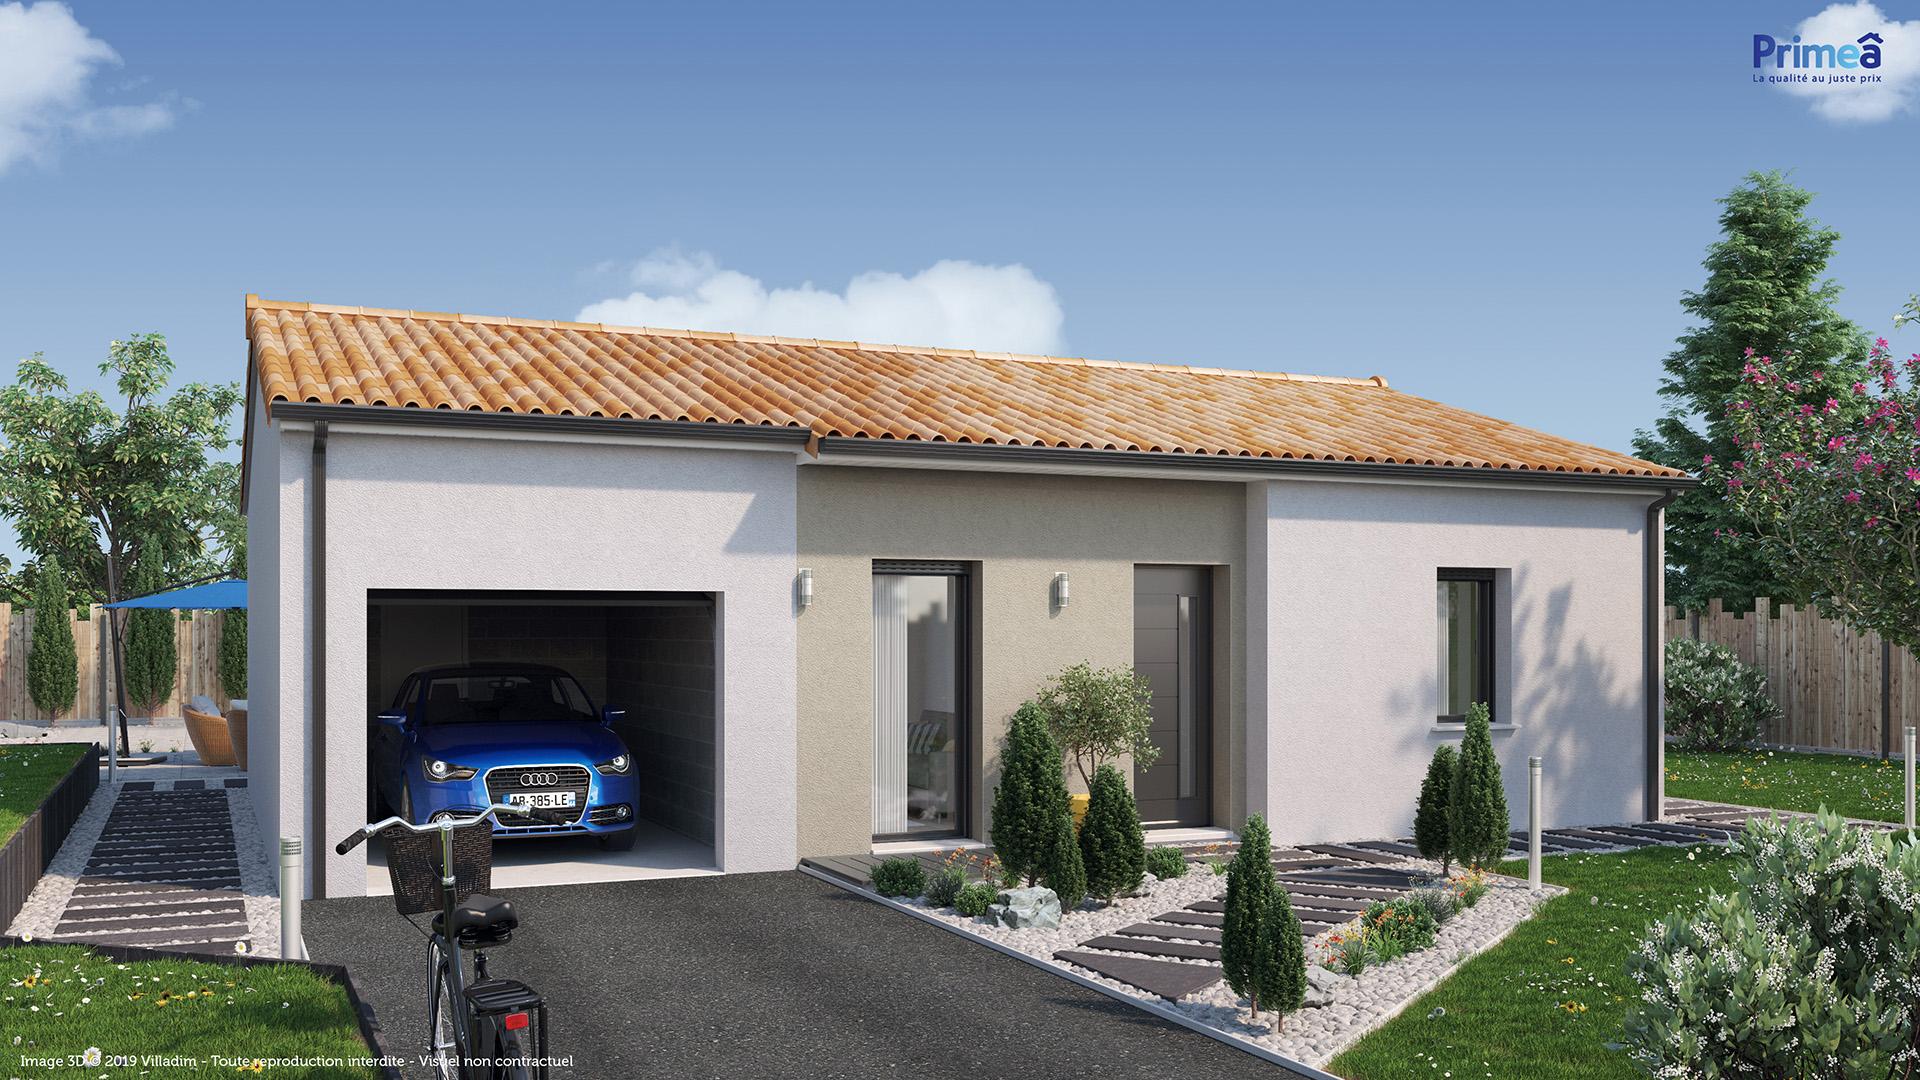 Maison à vendre à Chasseneuil-du-Poitou